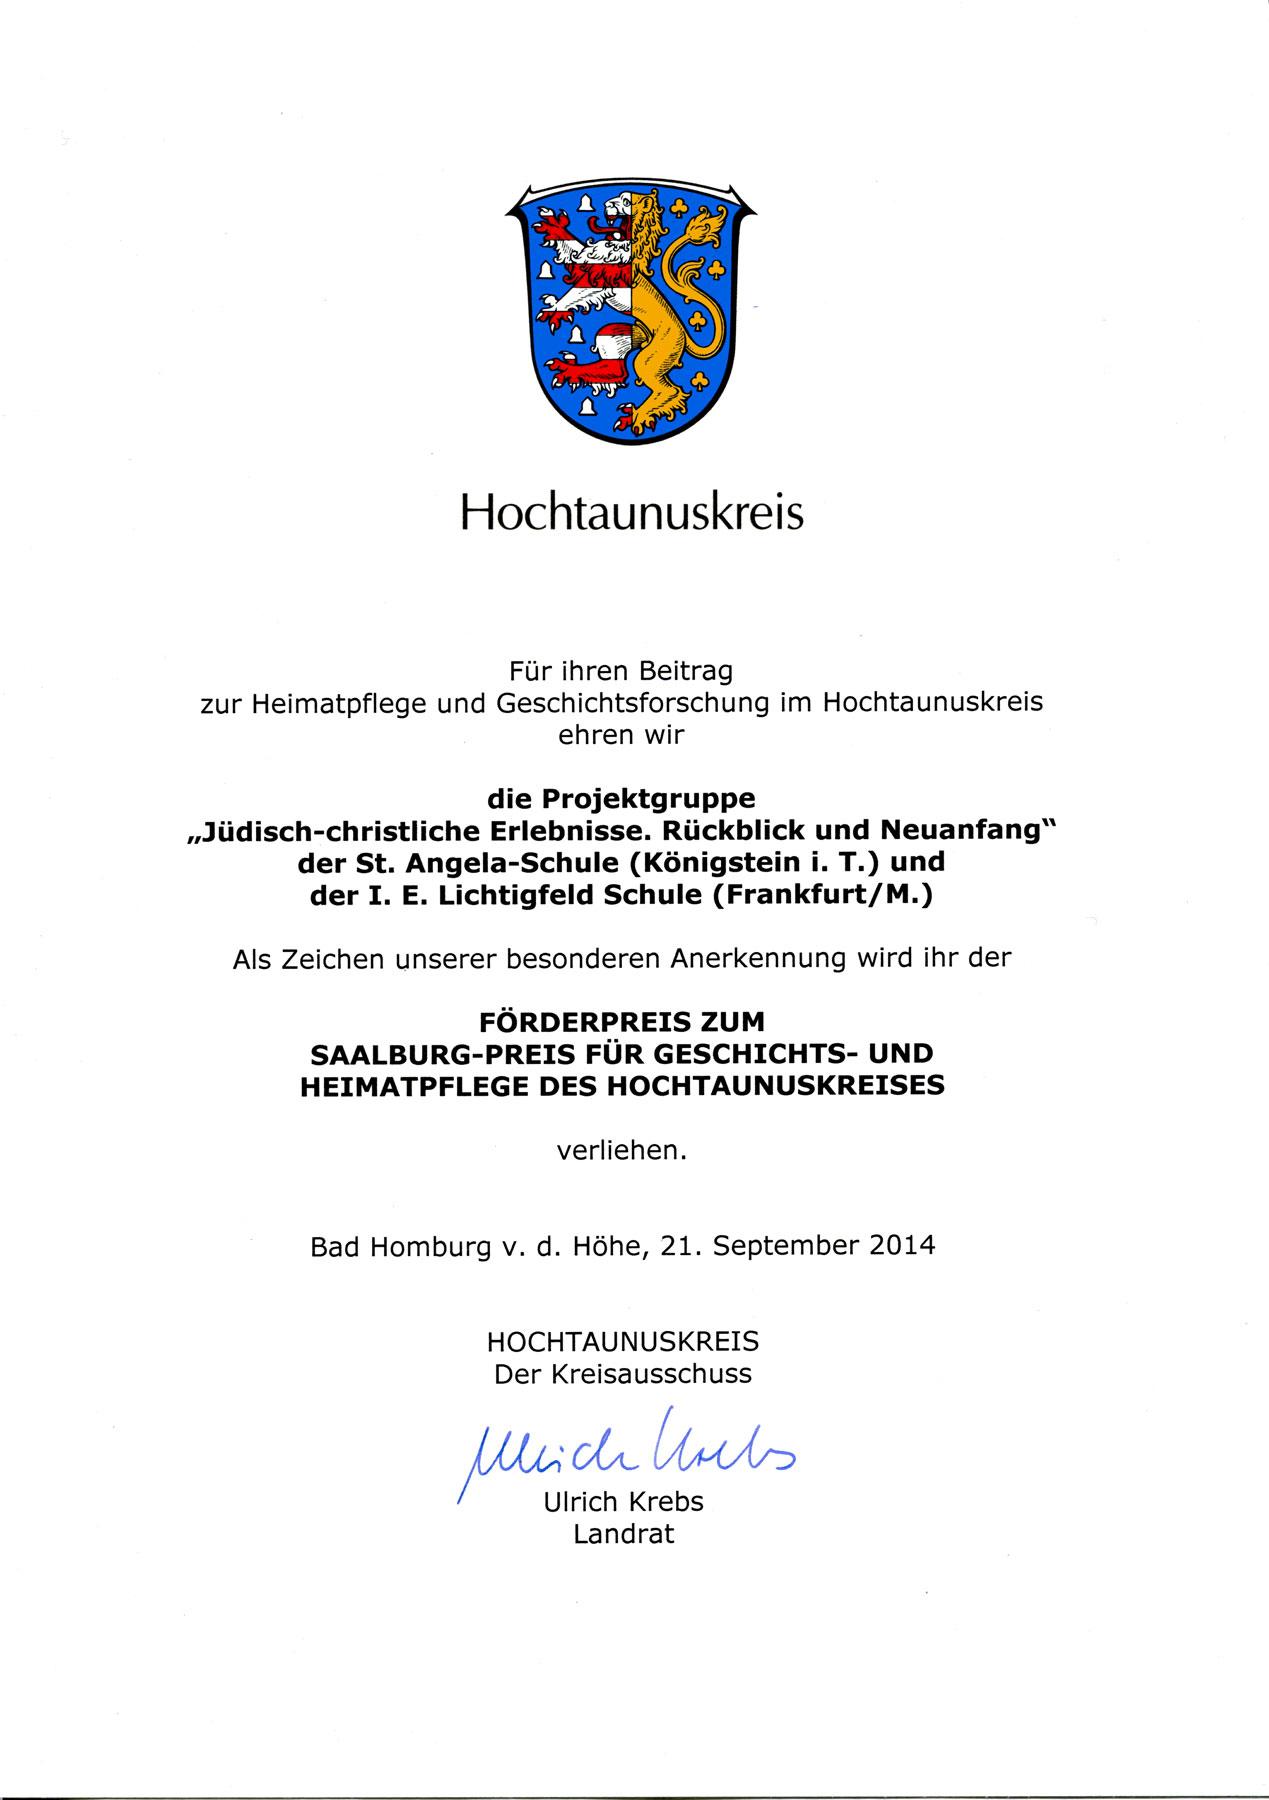 Auszeichnung: Saalburgpreis